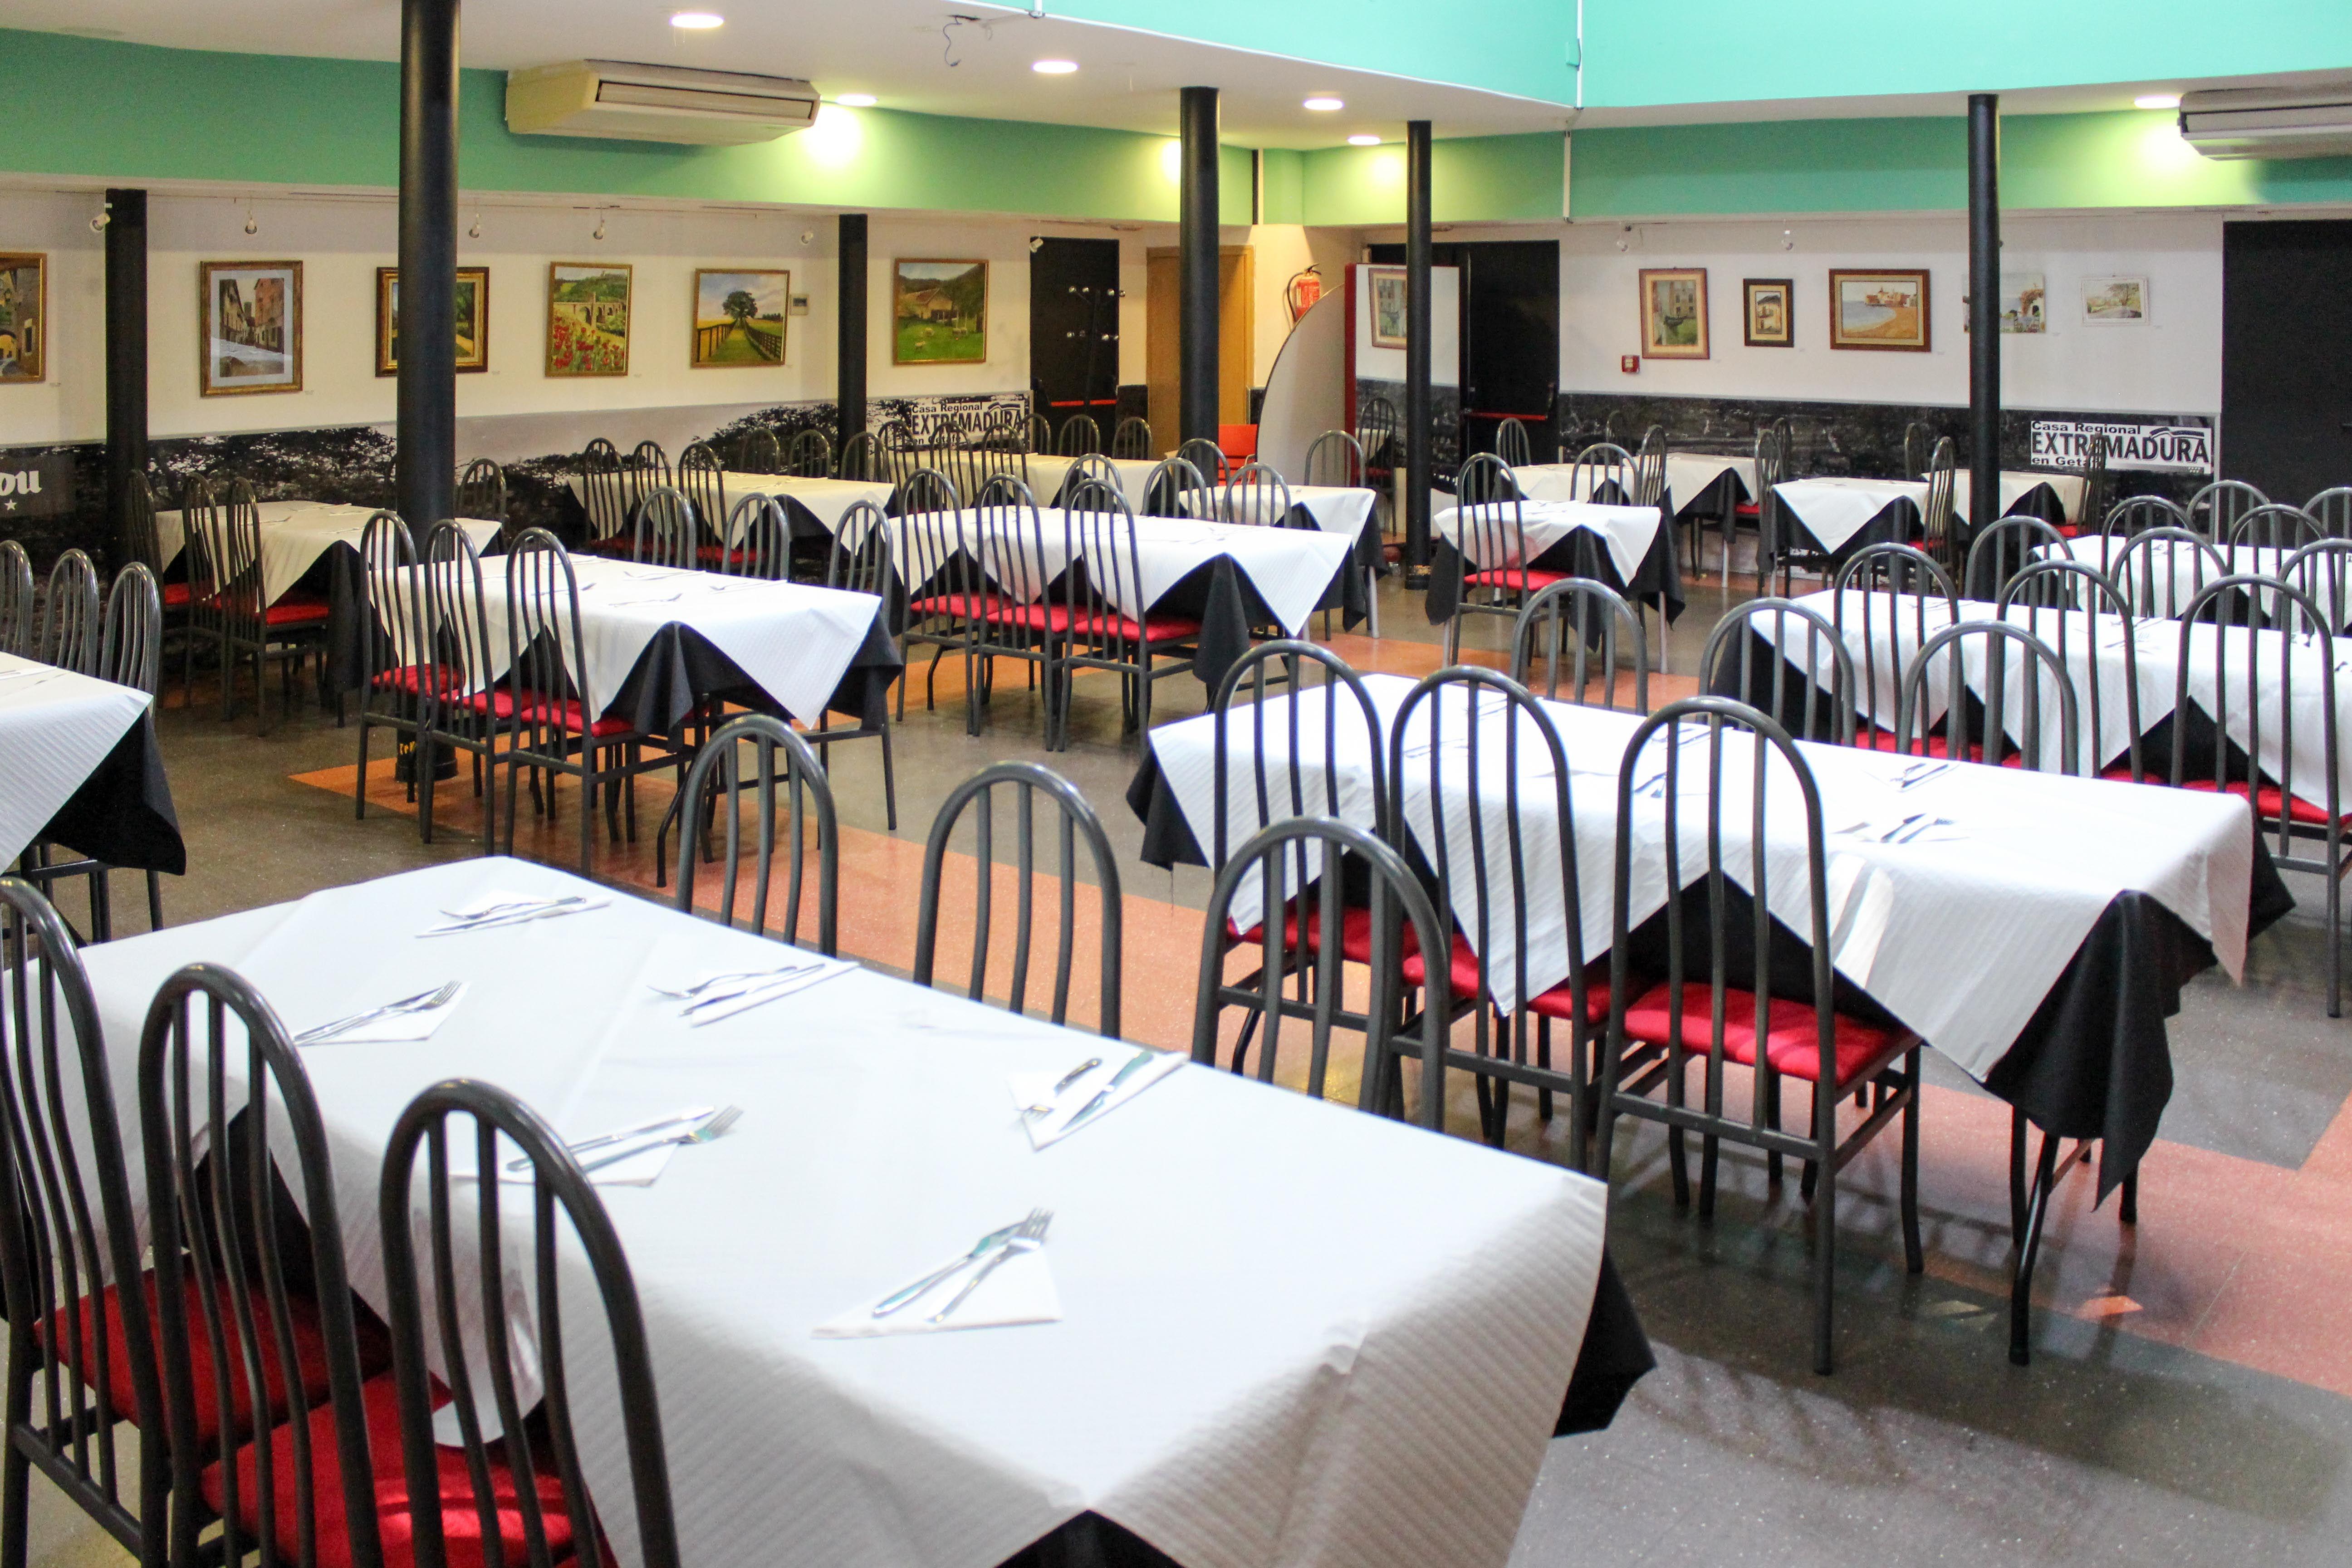 Foto 2 de Amplia variedad de raciones, bocadillos y paletos en Getafe   Restaurante Casa Extremadura